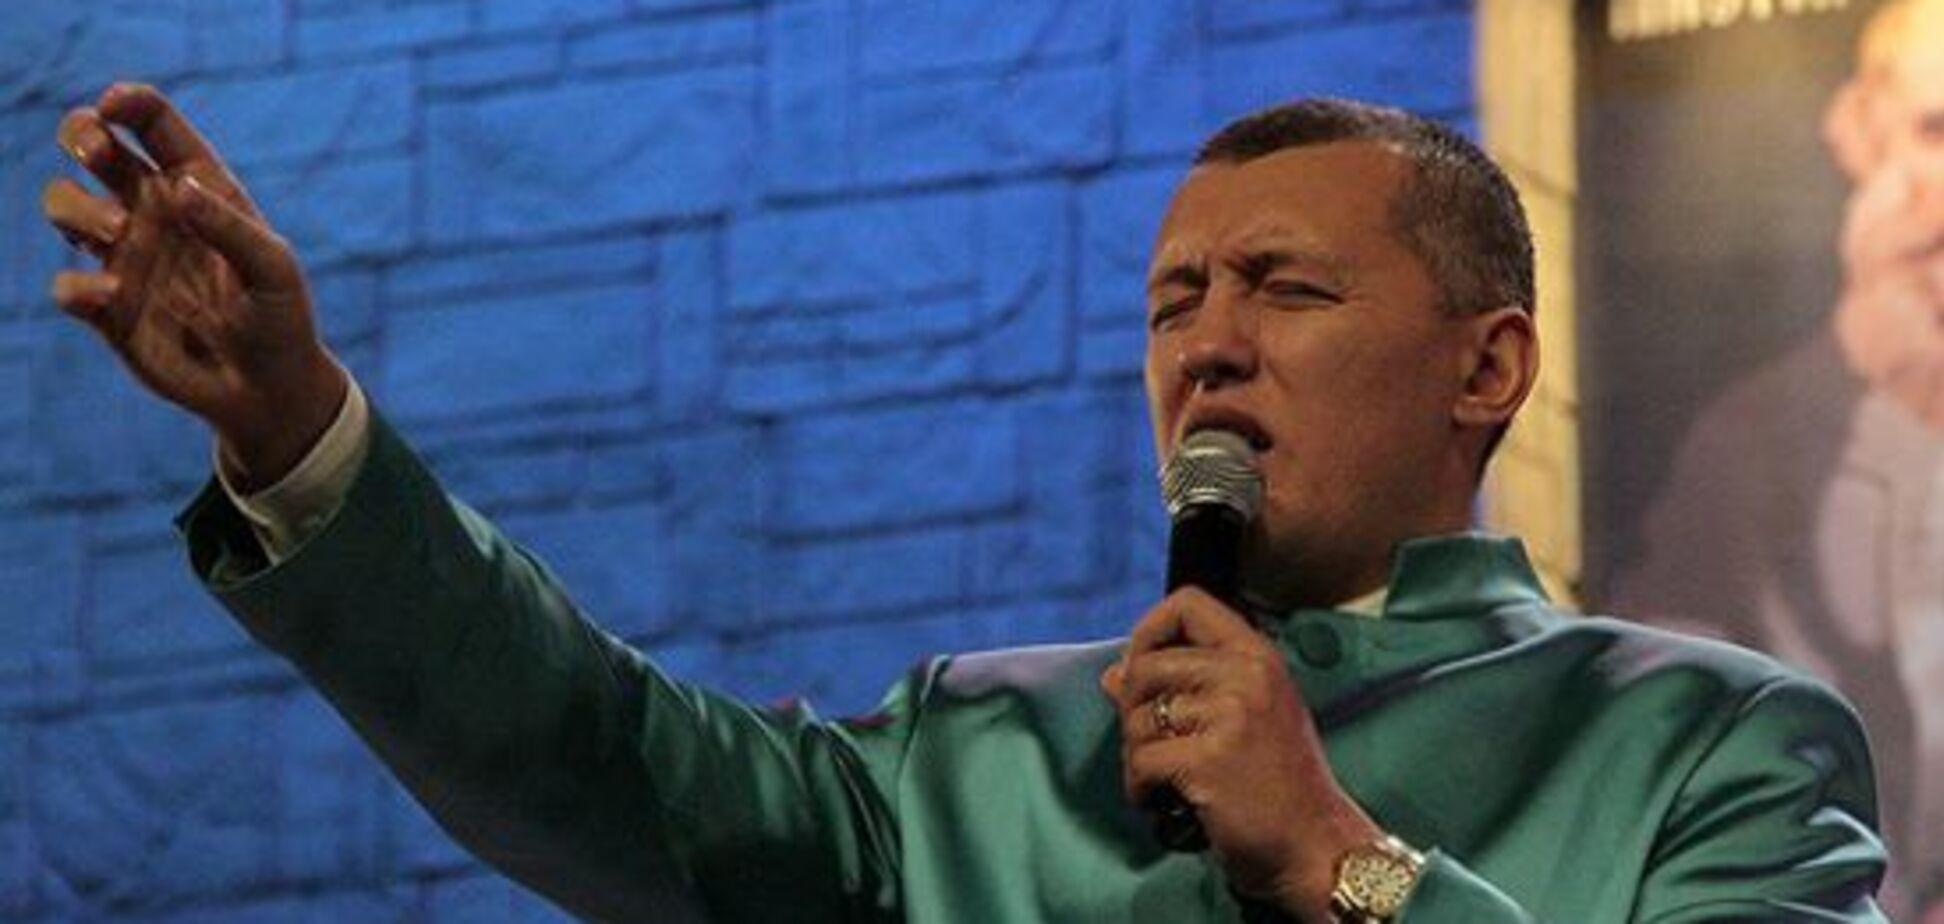 'Зціли хлопчика - продам будинок': священик розкусив 'апостола' Мунтяна